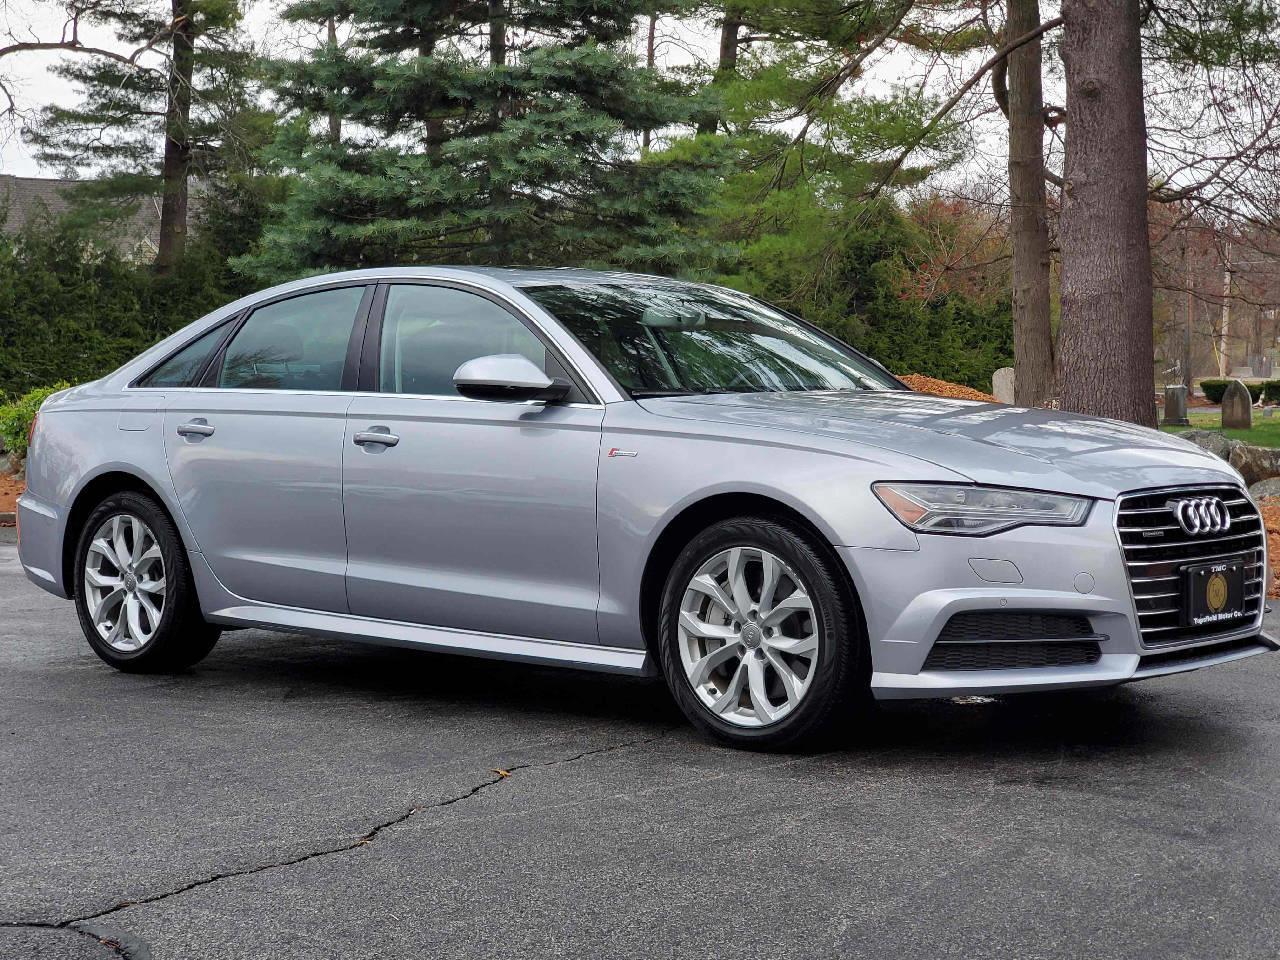 2018 Audi A6 Premium Plus